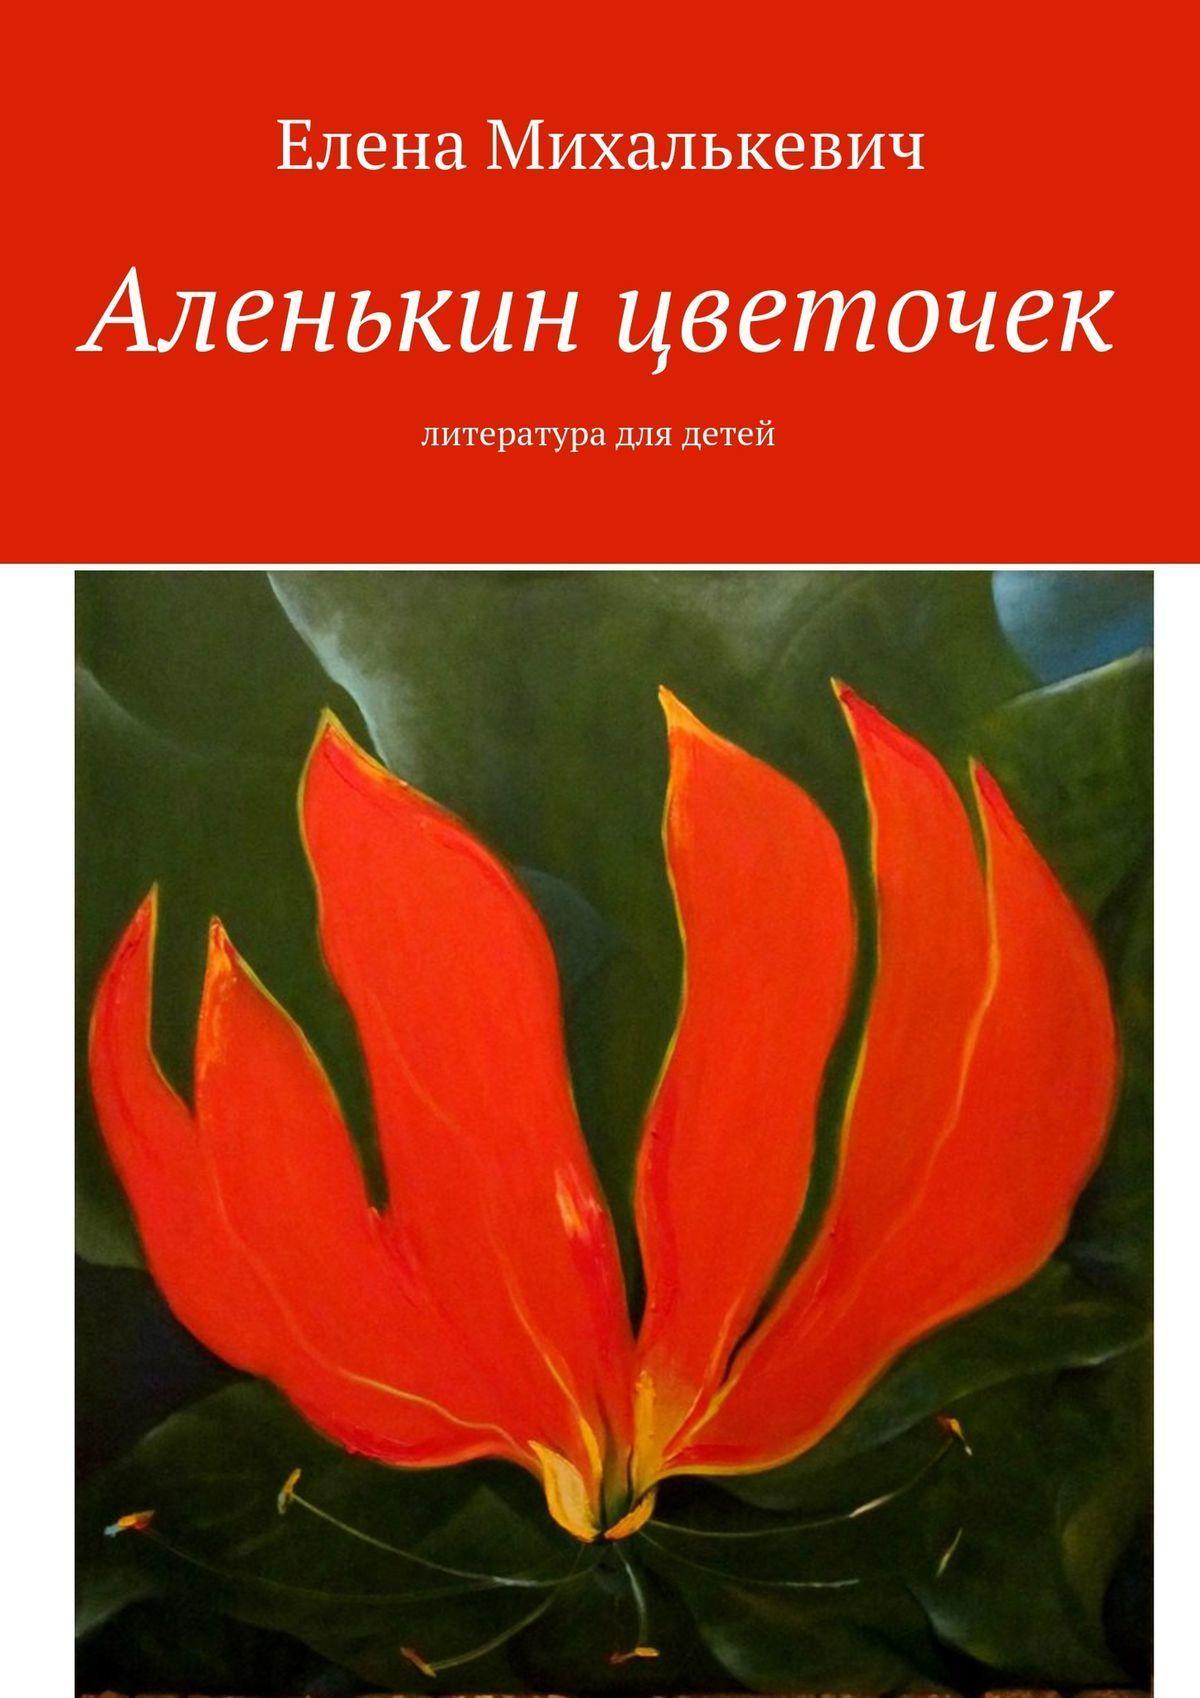 Елена Михалькевич Аленькин цветочек. Литература для детей